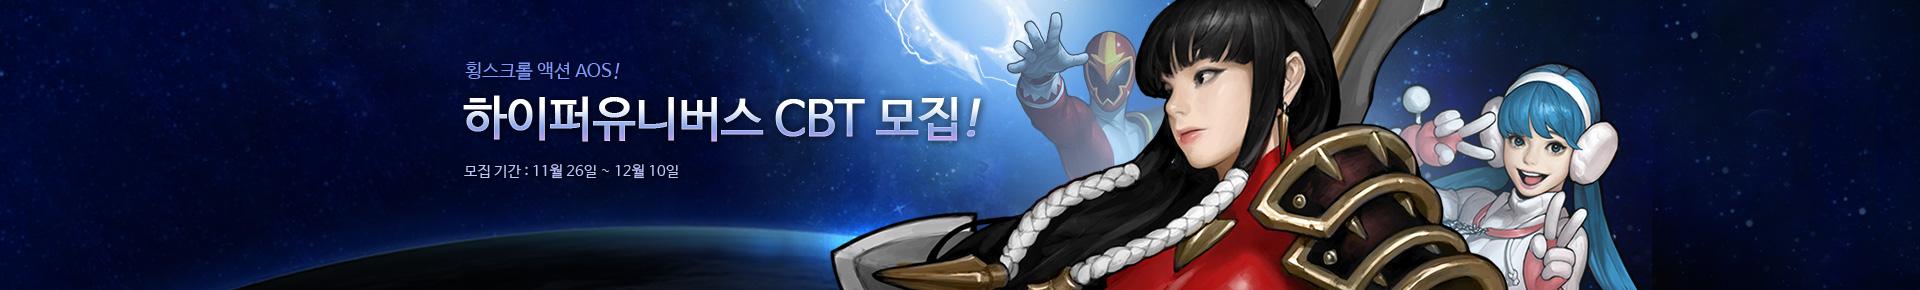 ���������Ϲ��� CBT ����!